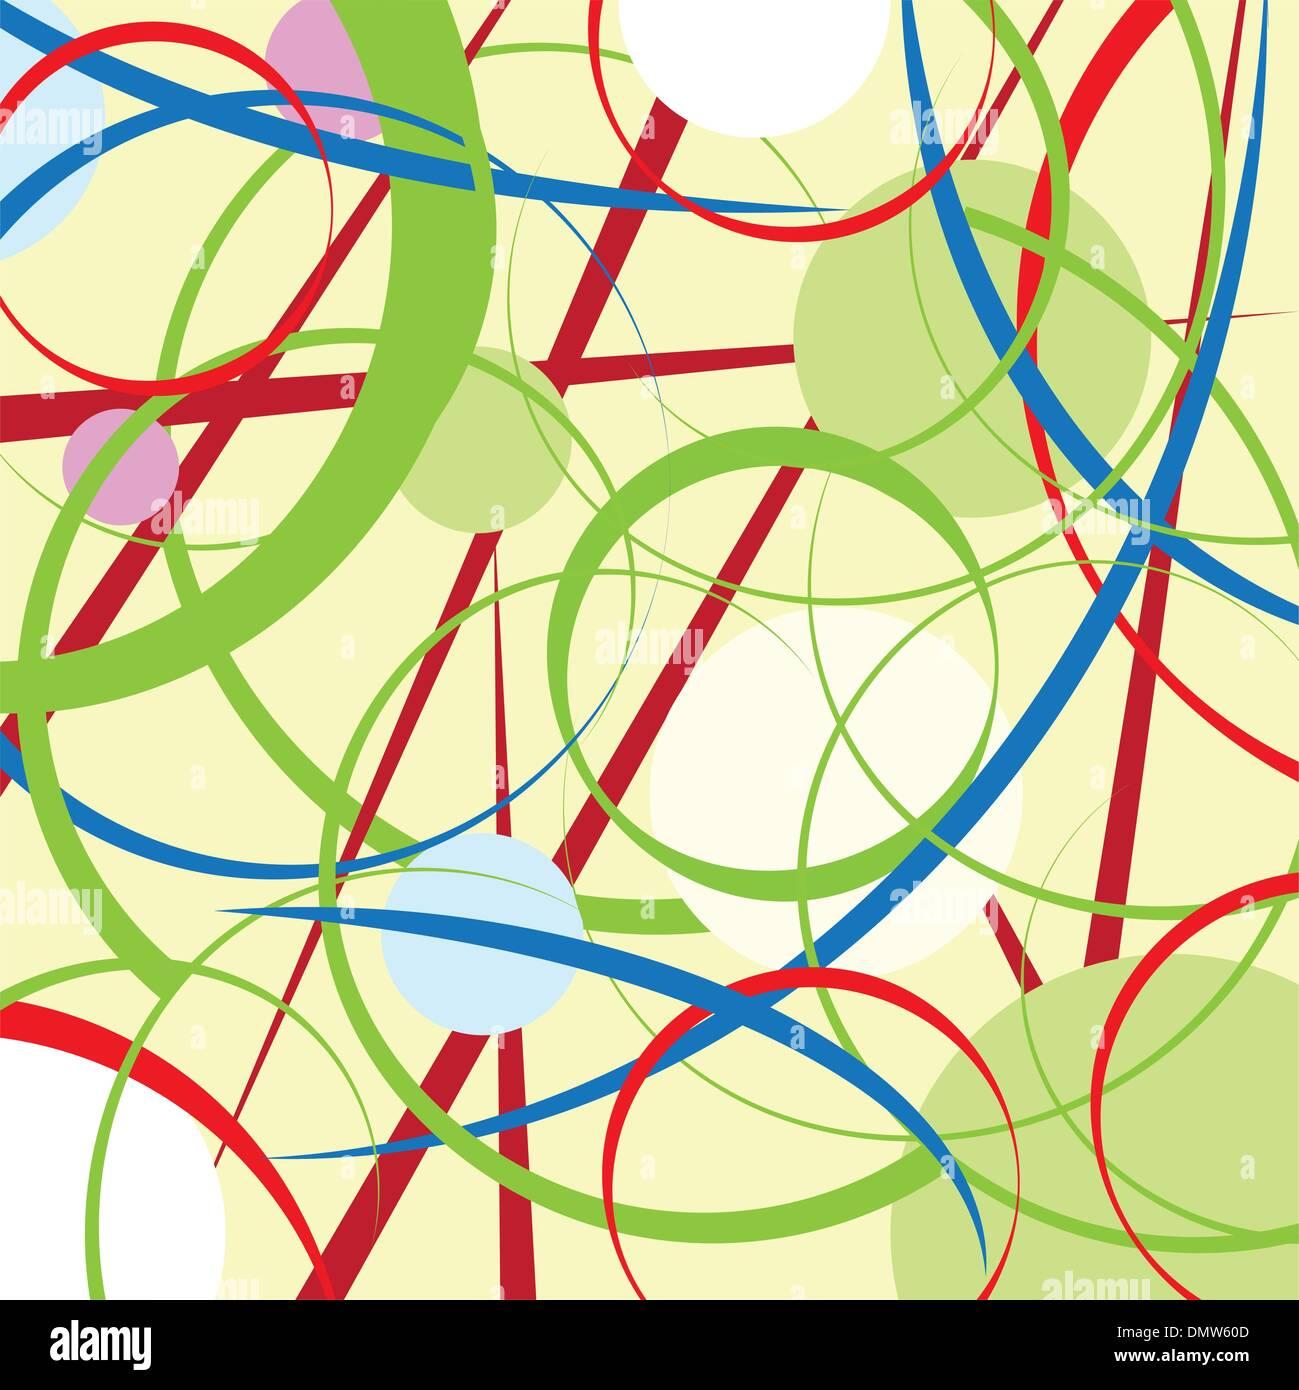 Résumé Contexte Les lignes et cercles Photo Stock